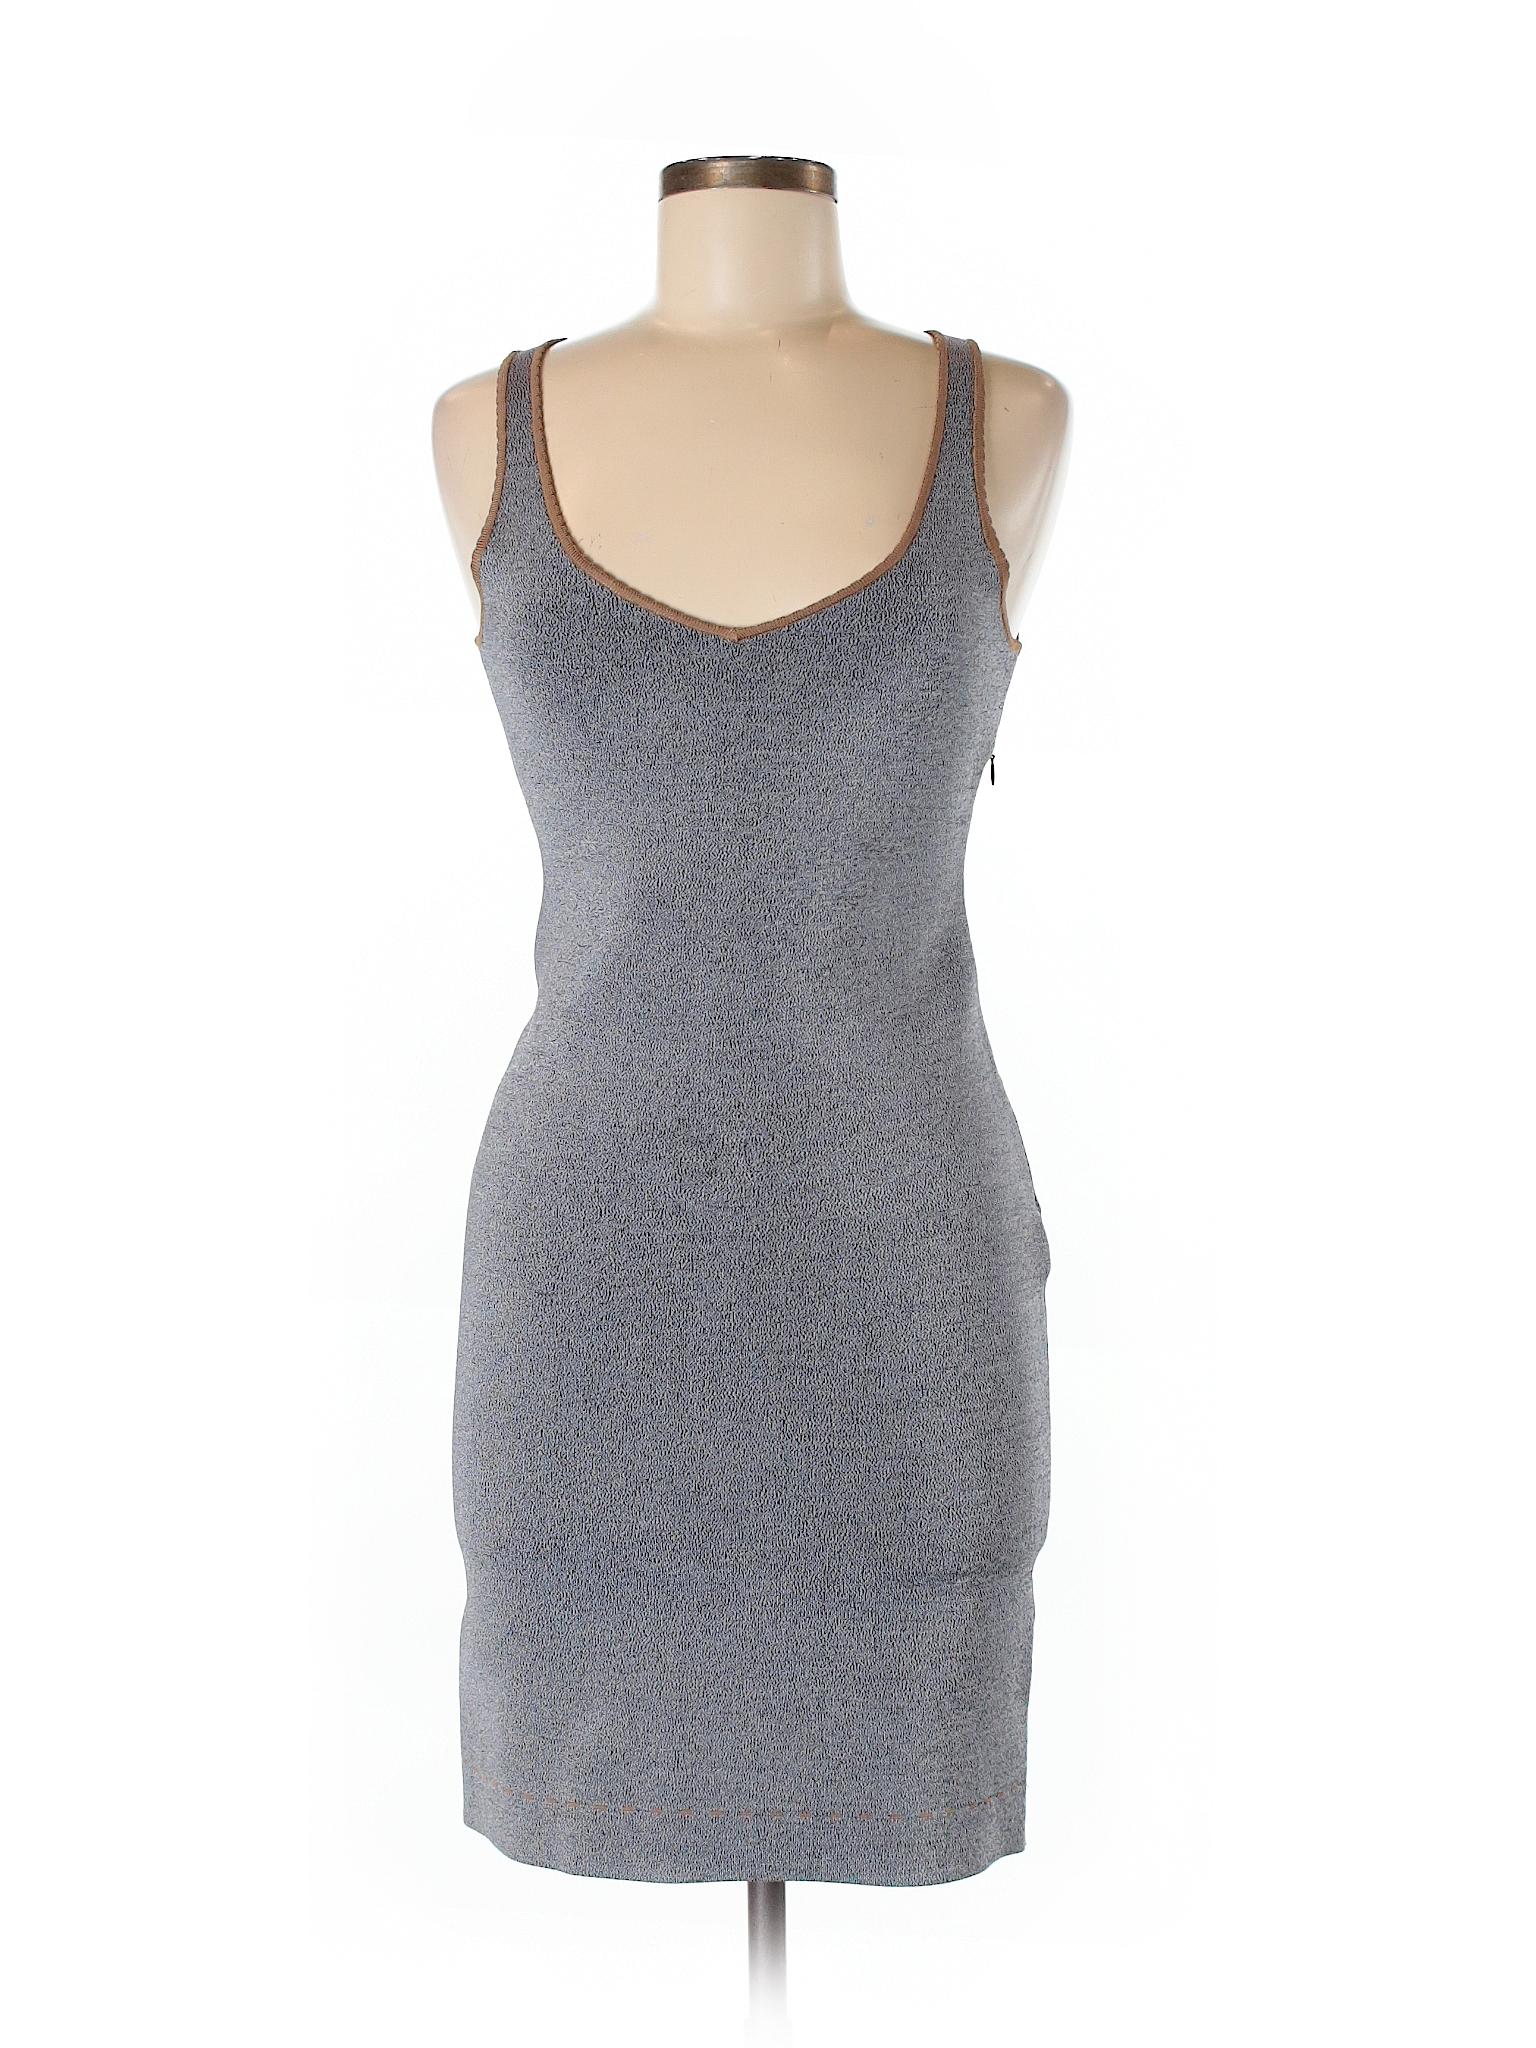 winter Boutique Z Zac Posen Dress Casual by Spoke rrwvxdnq